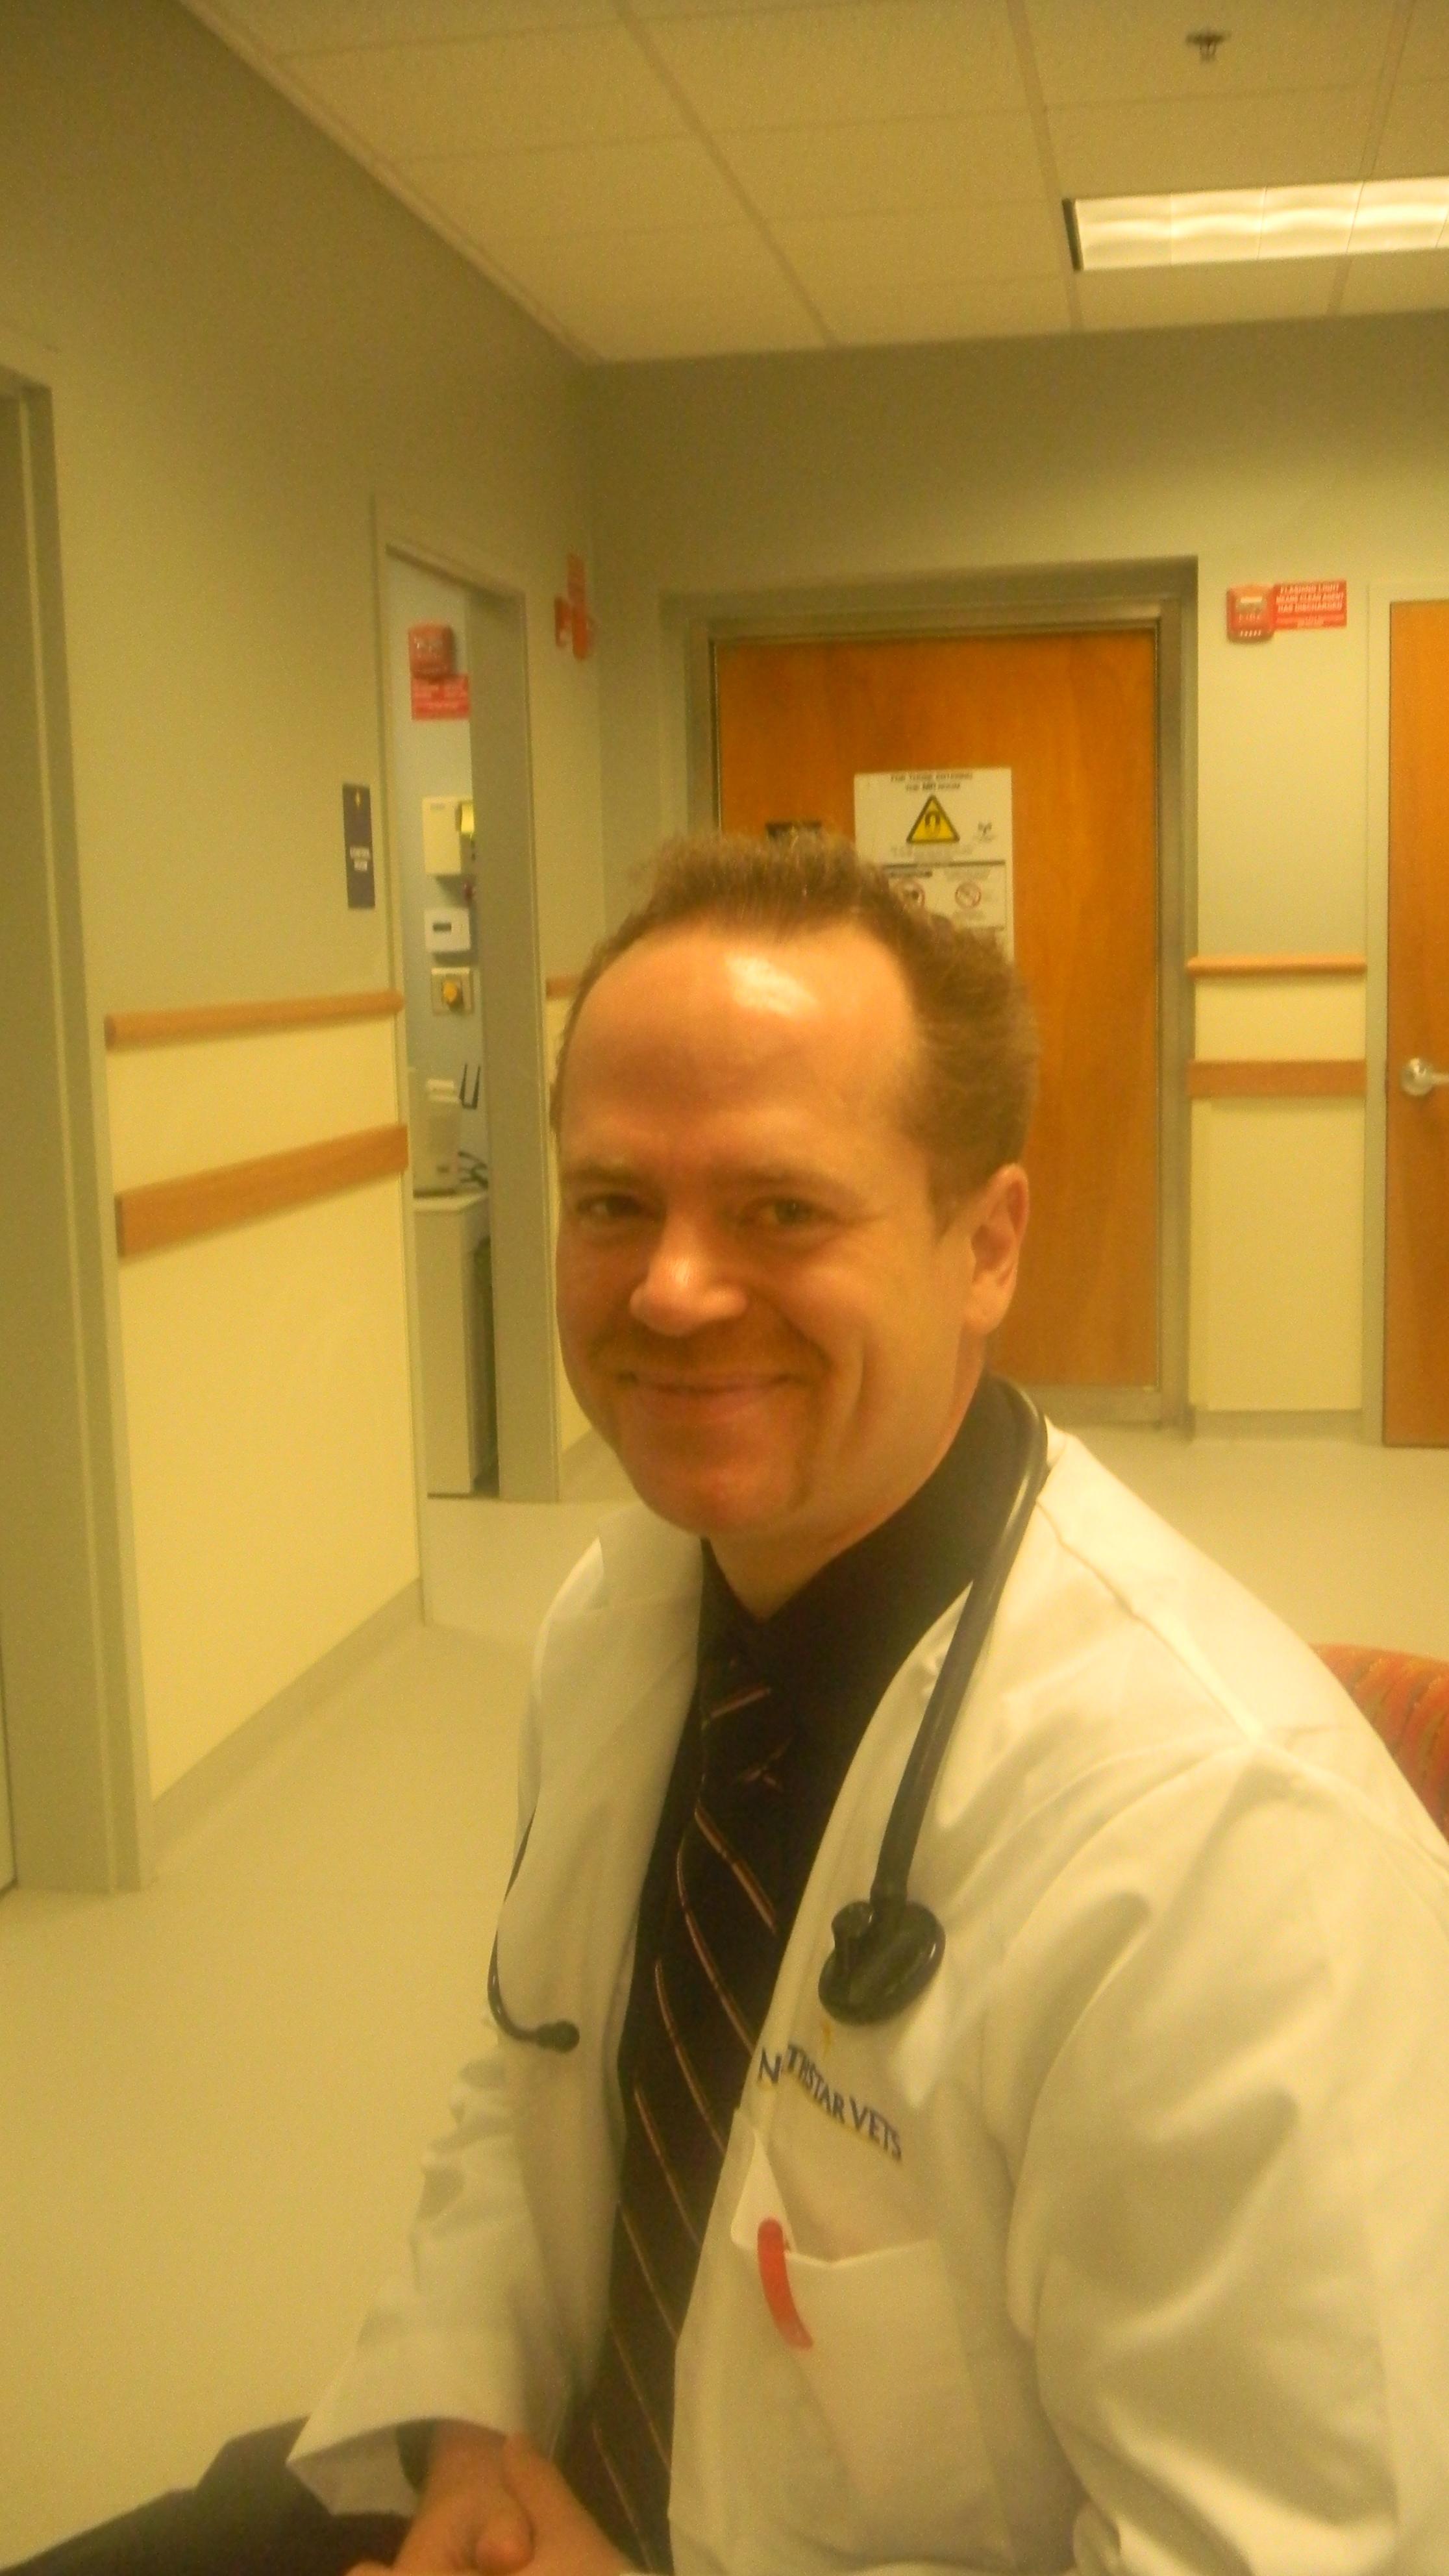 Dr. Ben Staiger